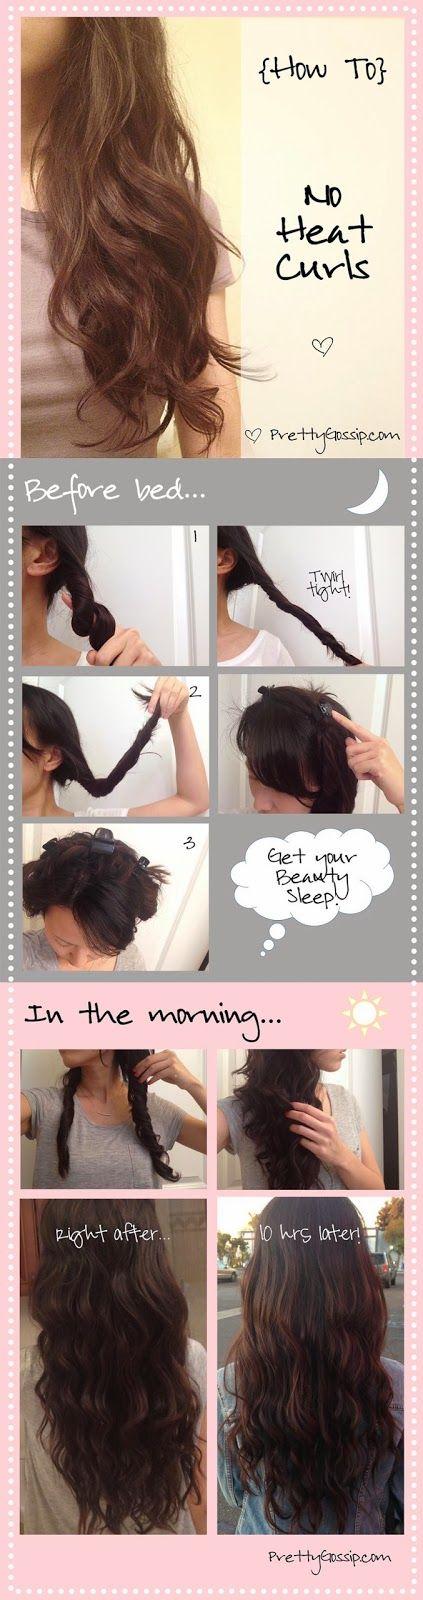 Twist and Twirl No Heat Curls